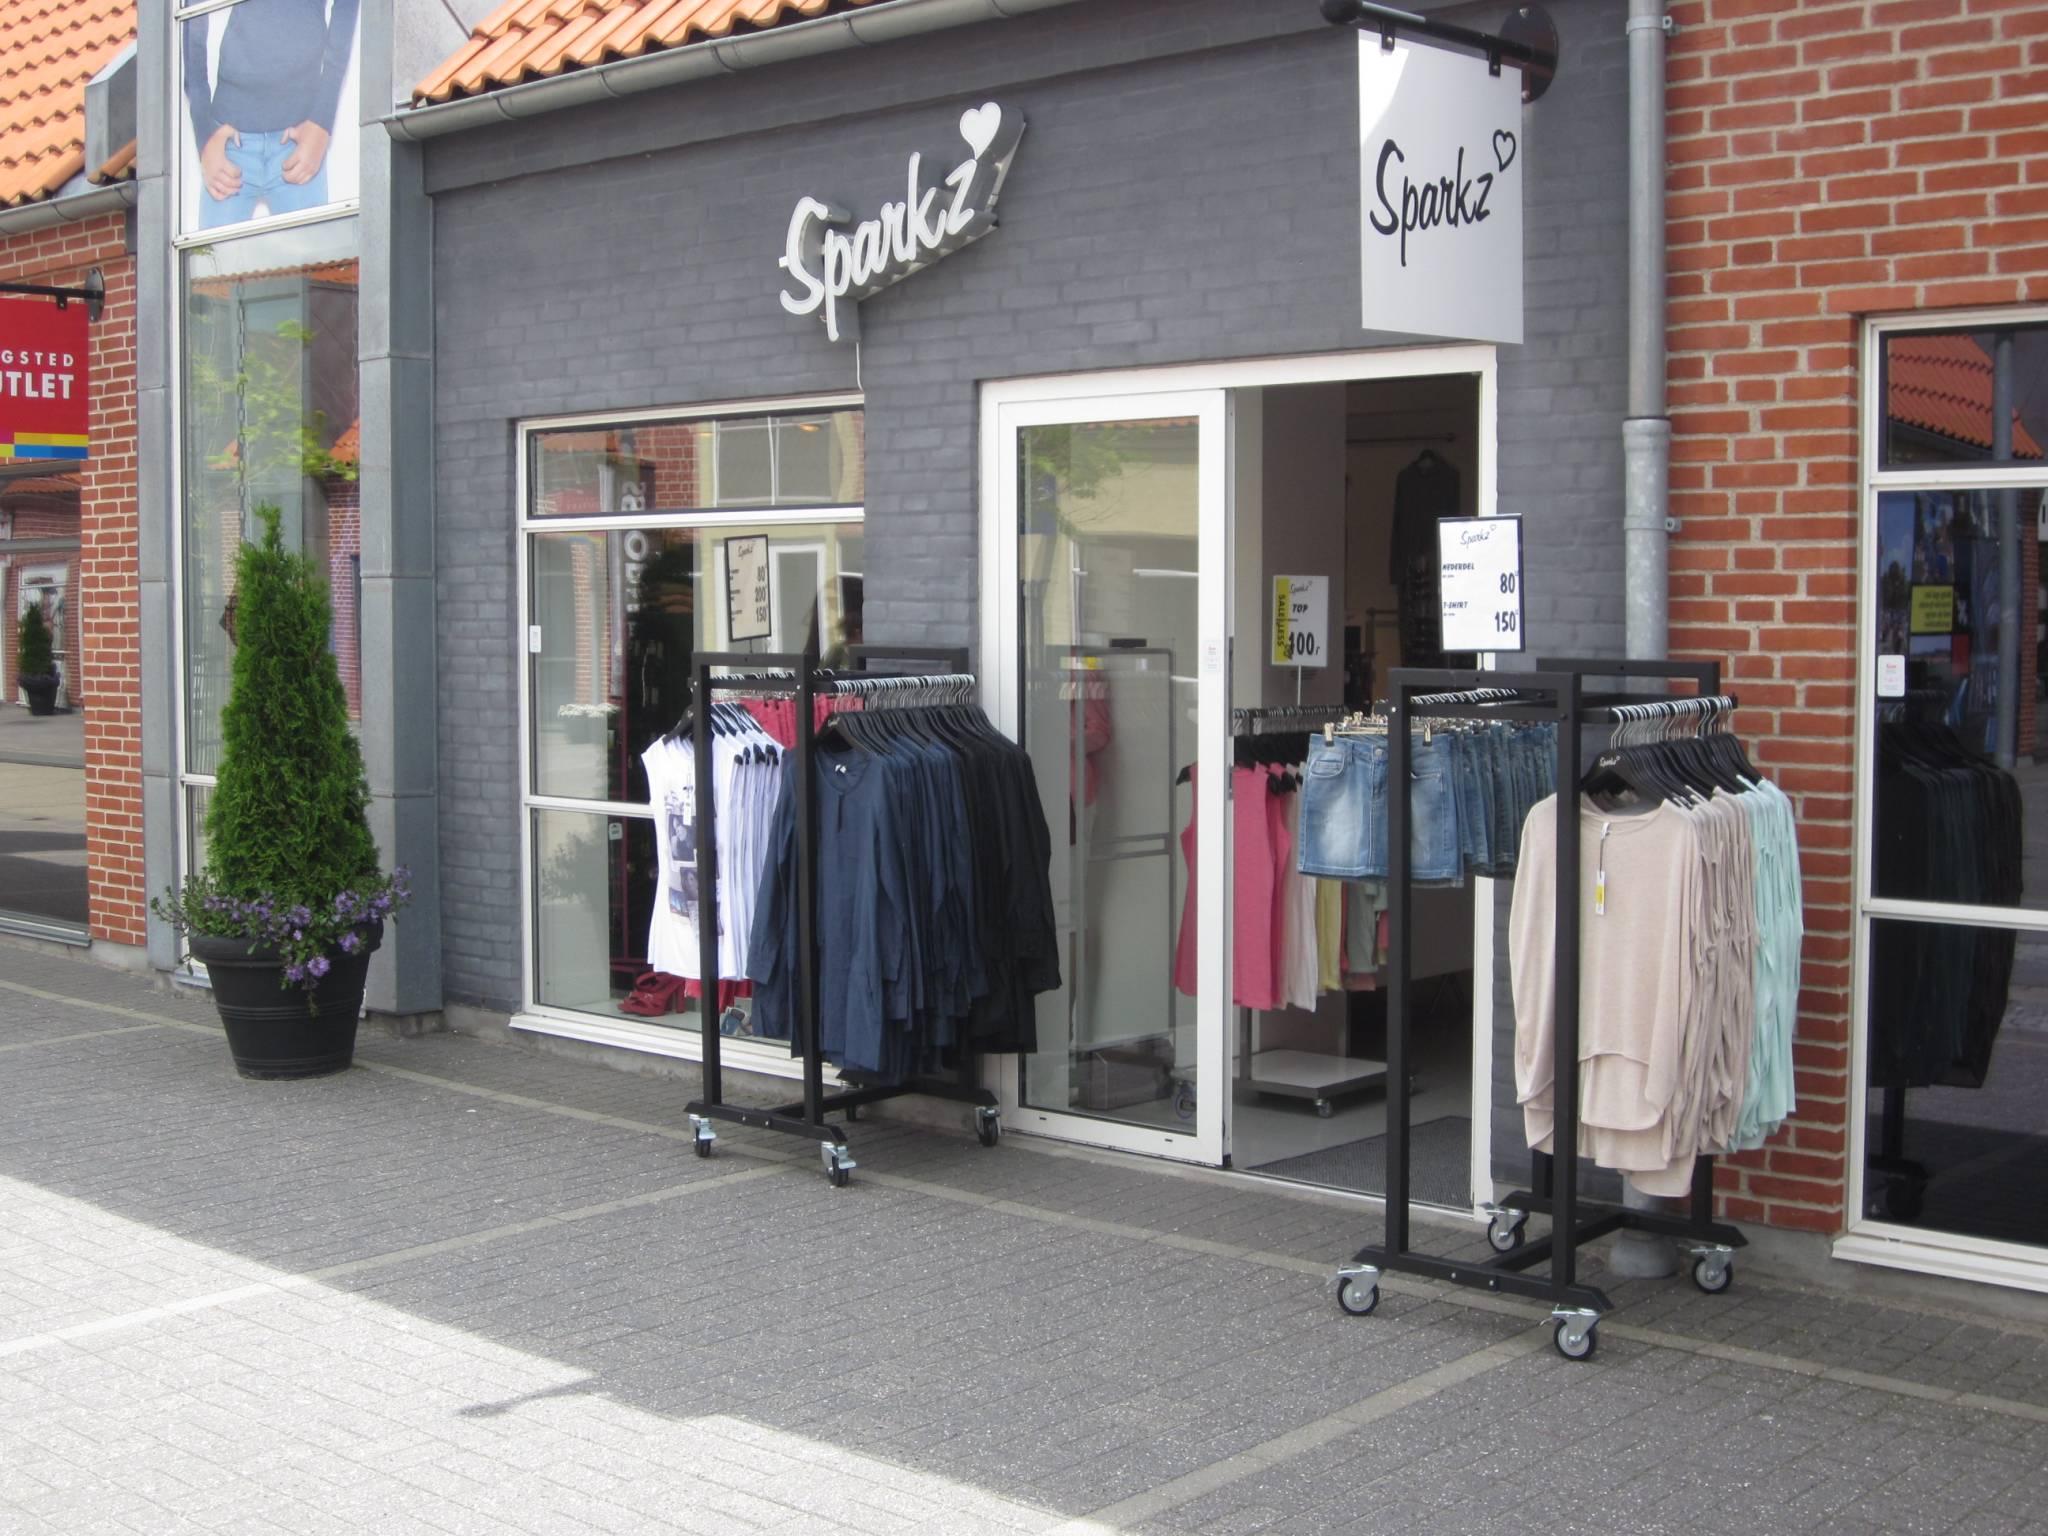 Gadestativ til modebutikker, stort udvalg af gadestativer og badebord, mannequinvogne. Butiksinventar